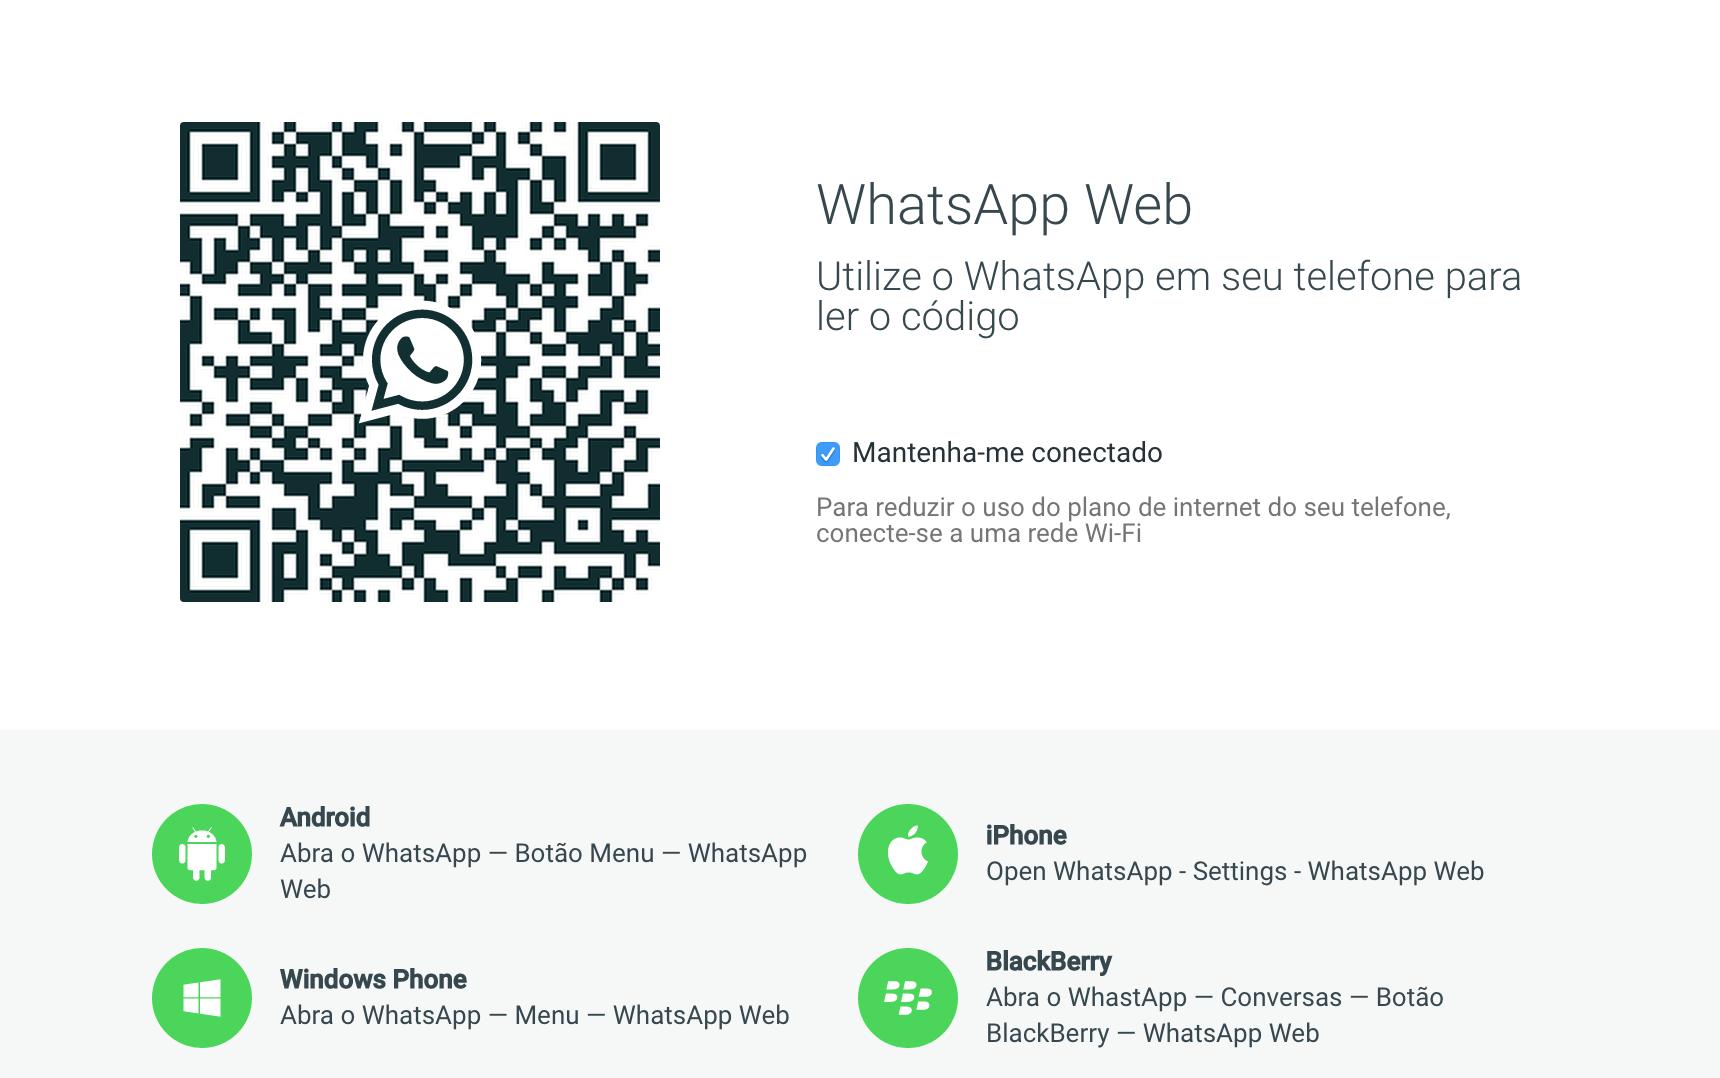 localizar celular pelo whatsapp web